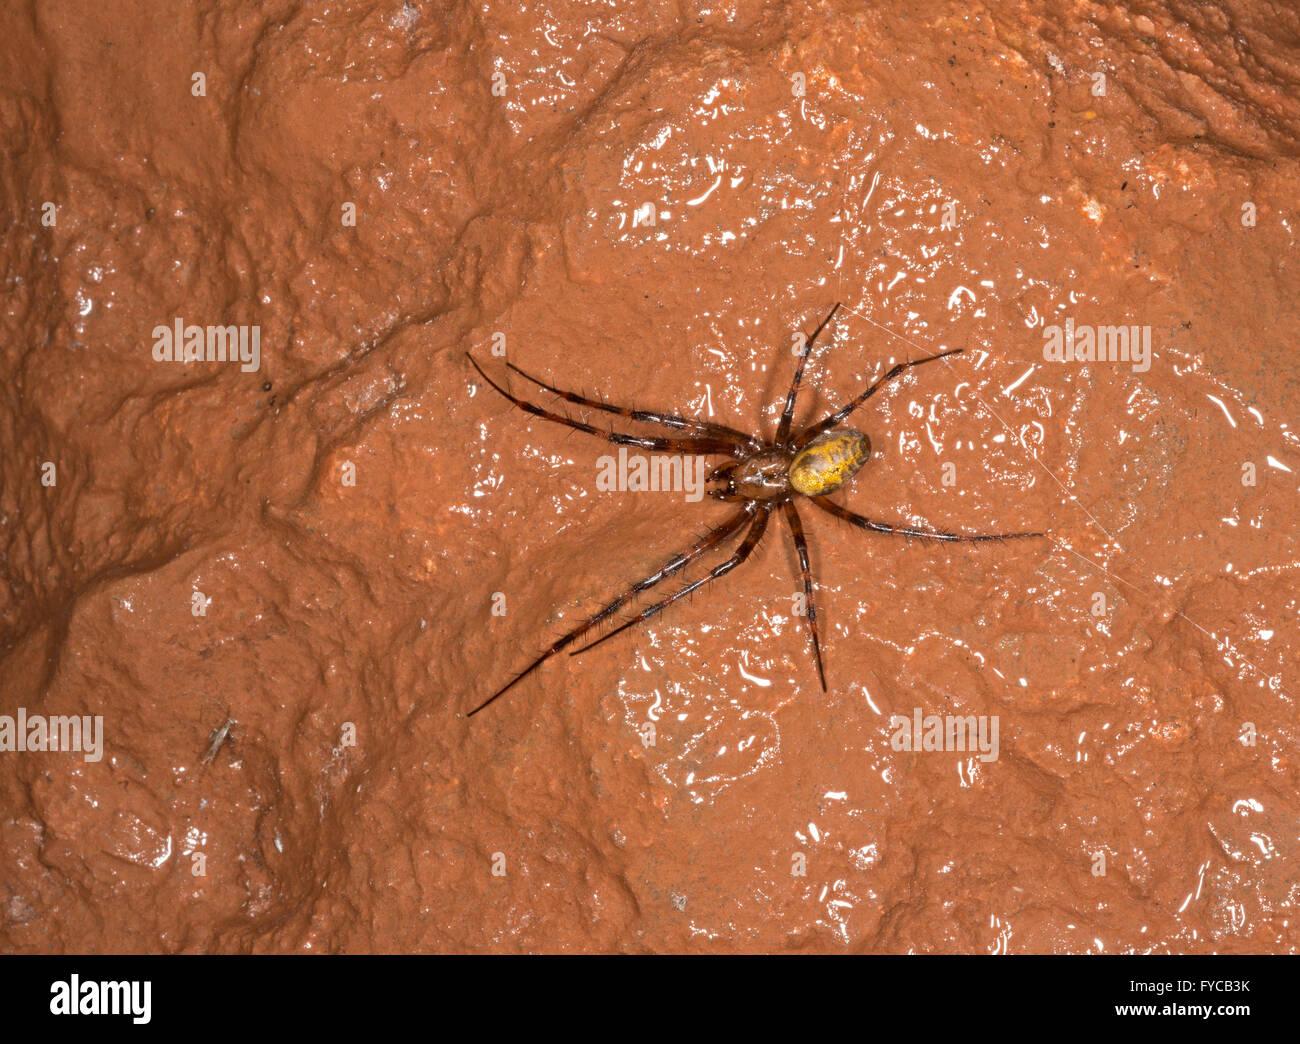 Cave Spider - Meta menardi - Stock Image